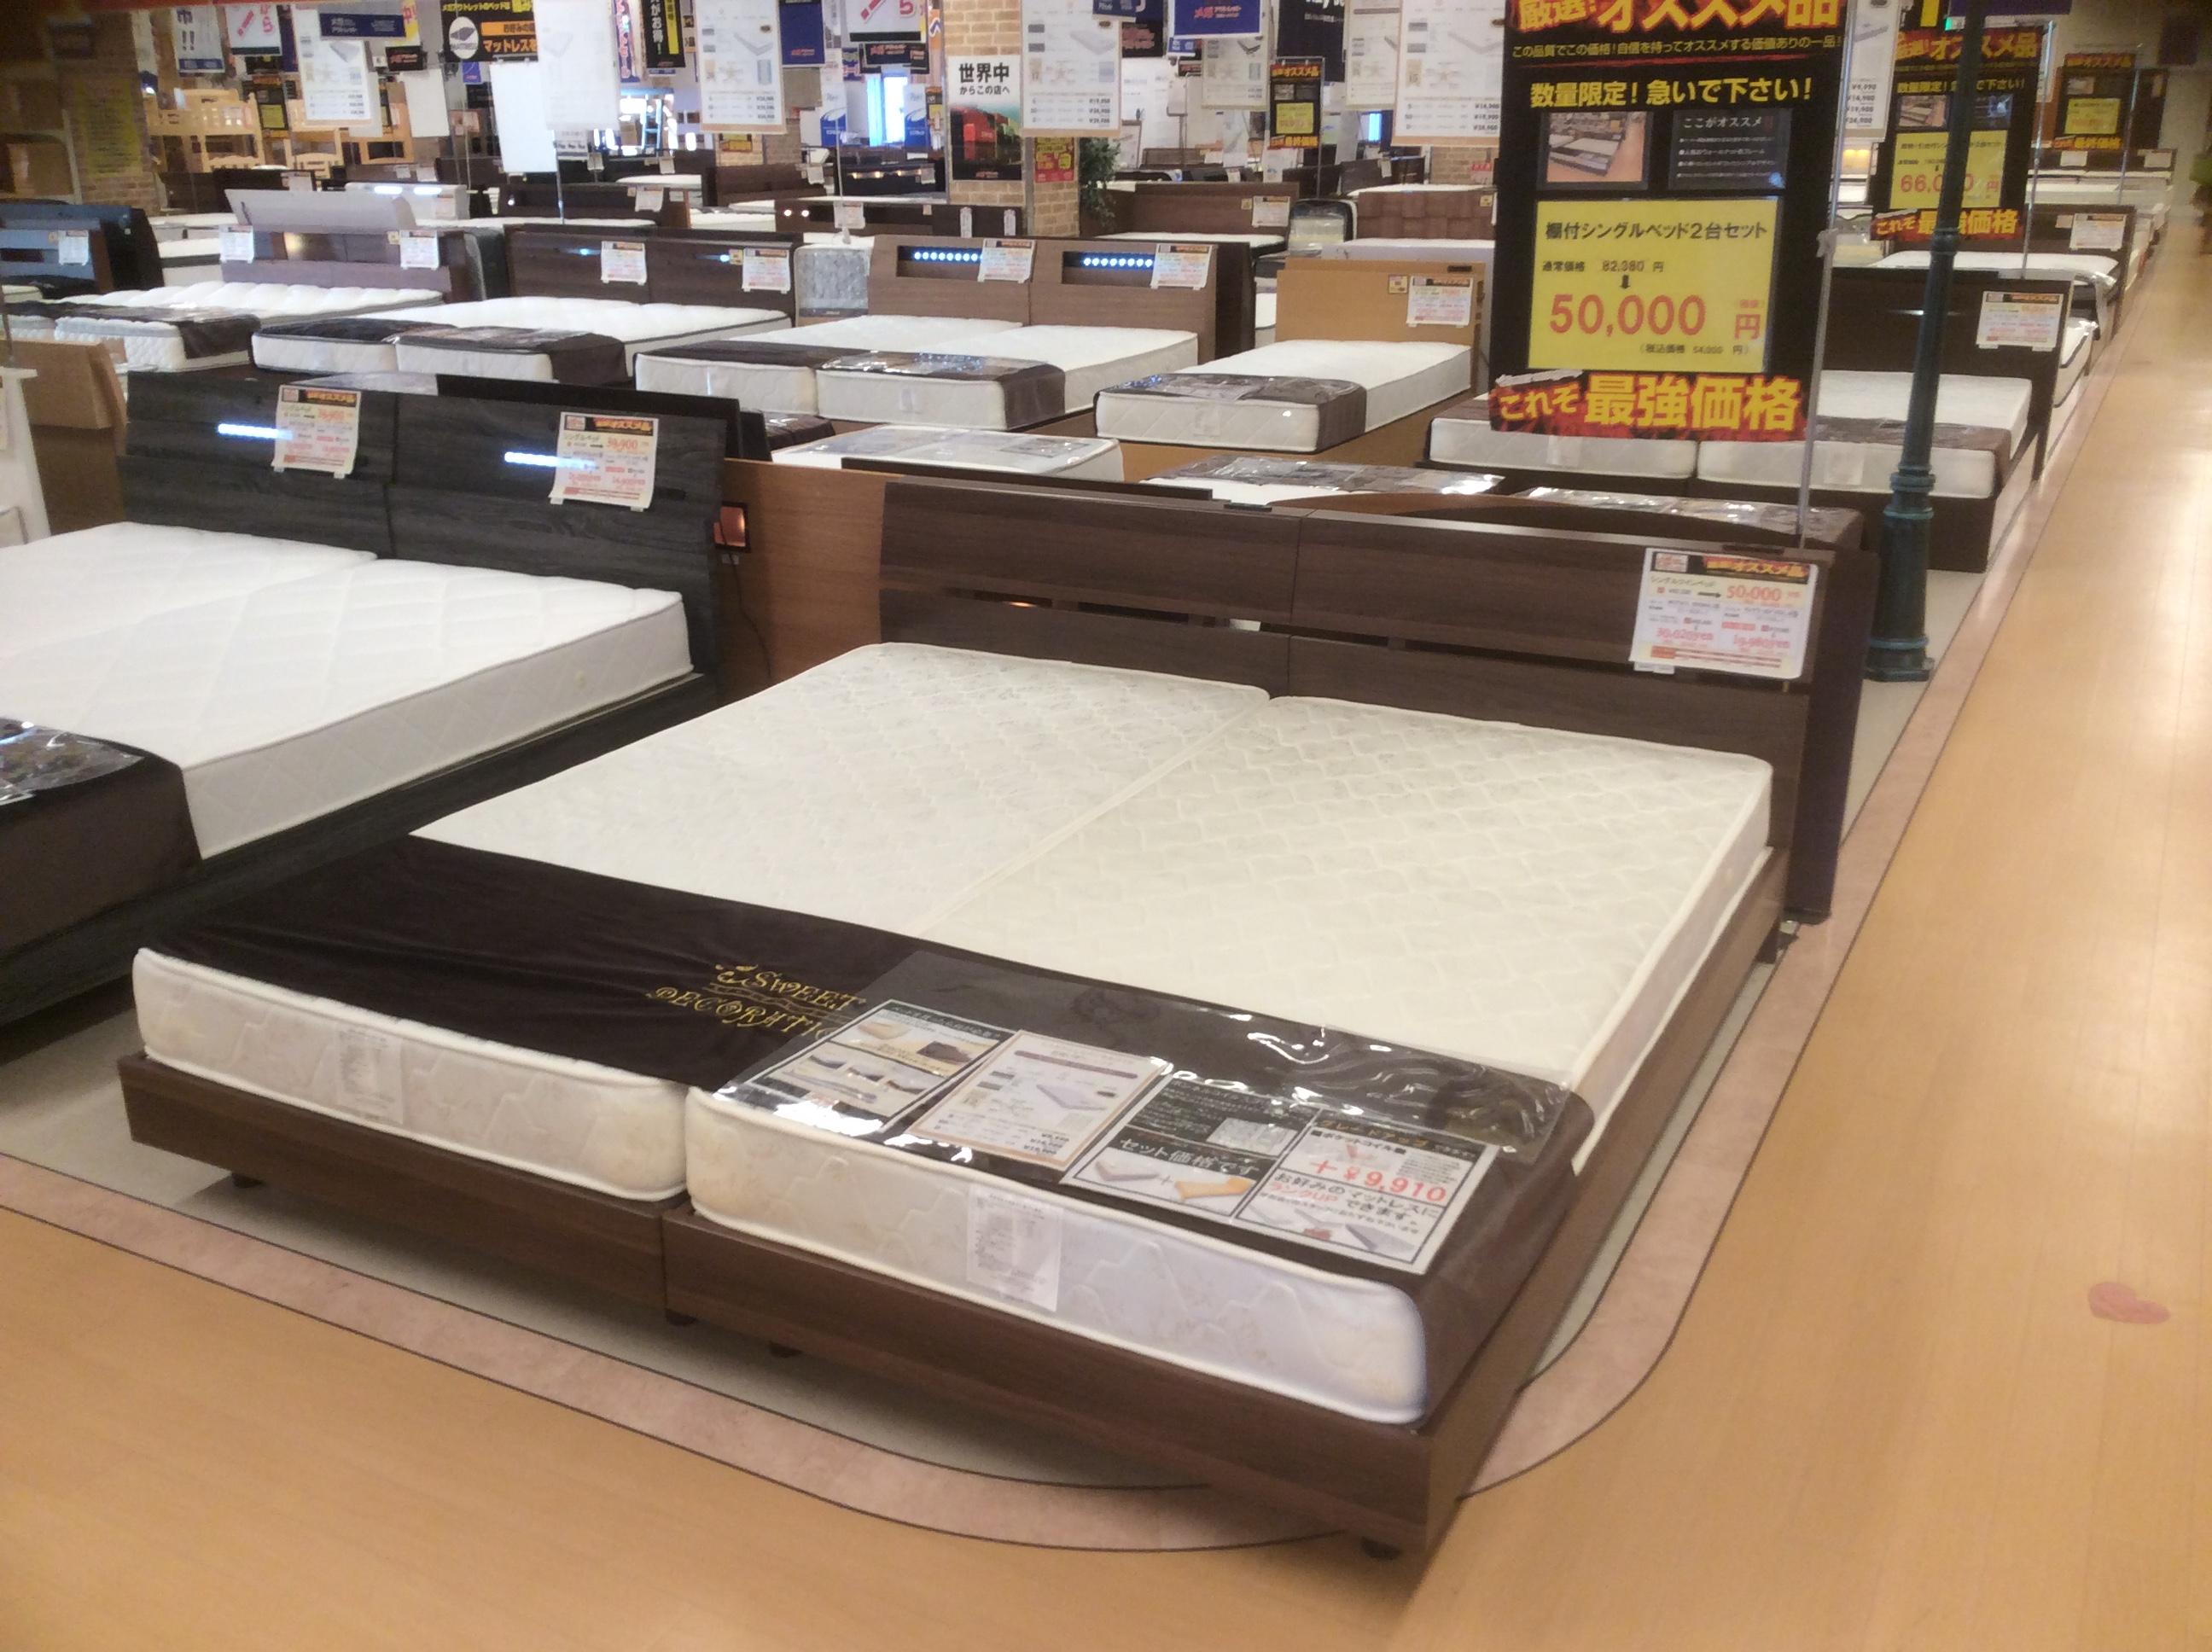 シングルベッド2台セット